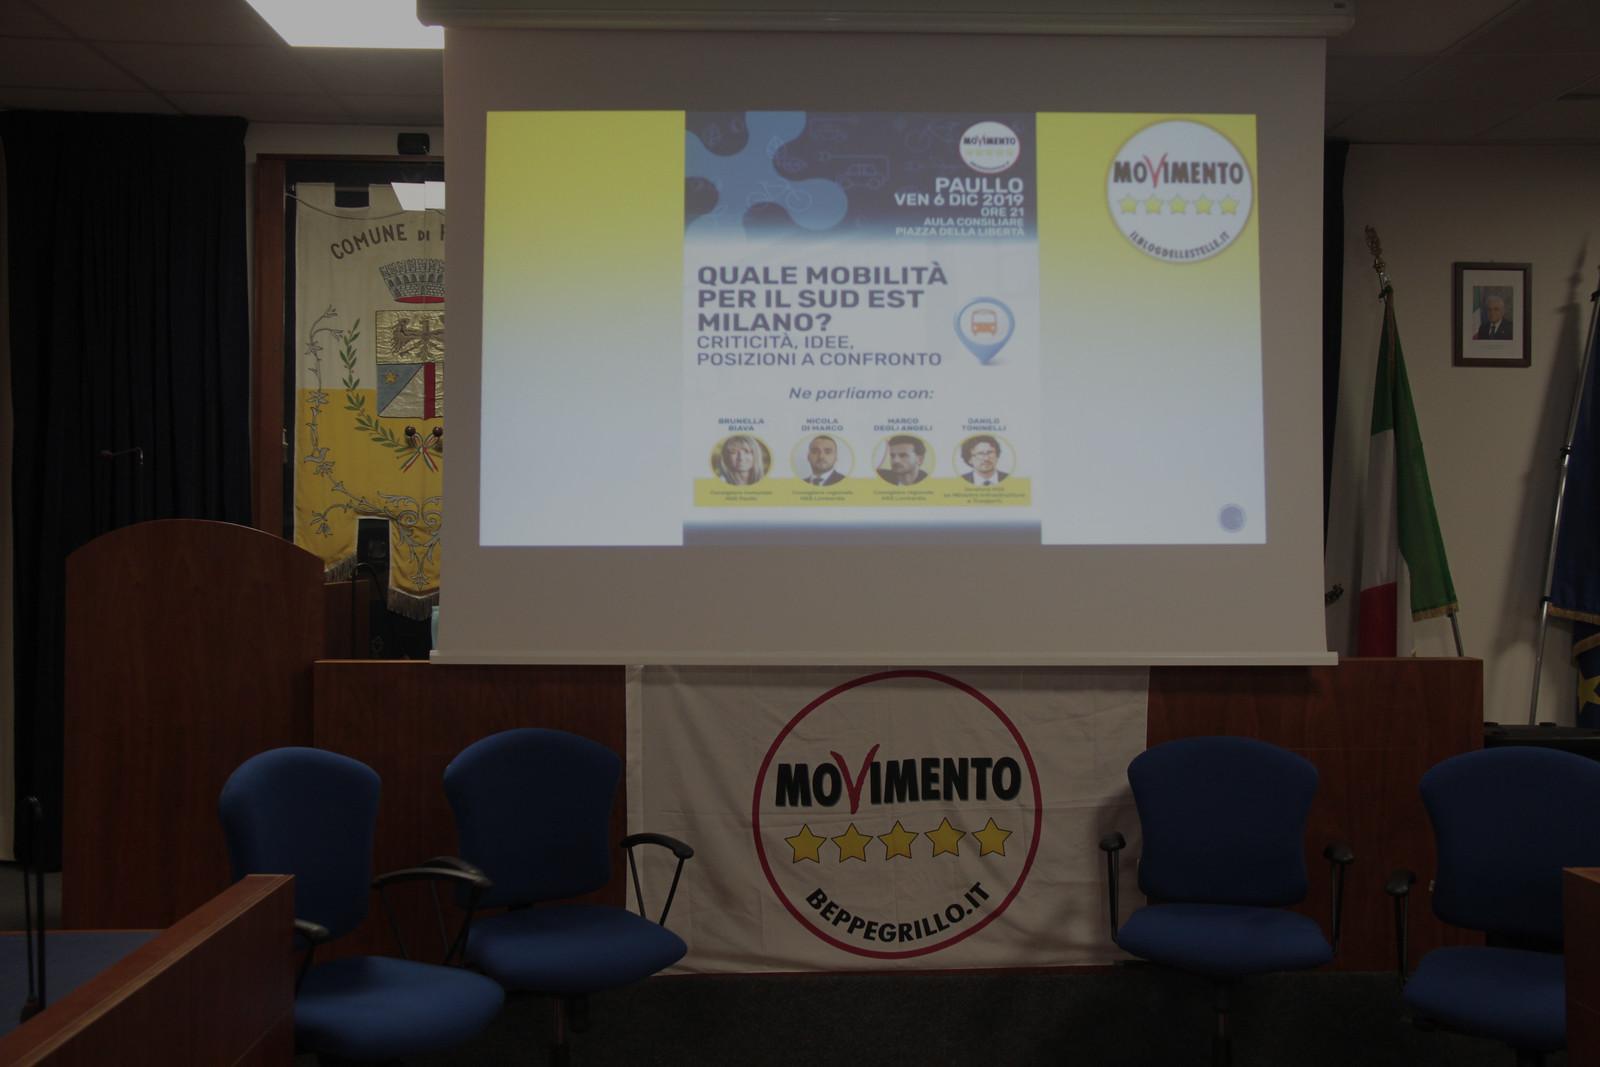 Quale Mobilità per il Sud Est Milano? Criticità, idee e posizioni a confronto